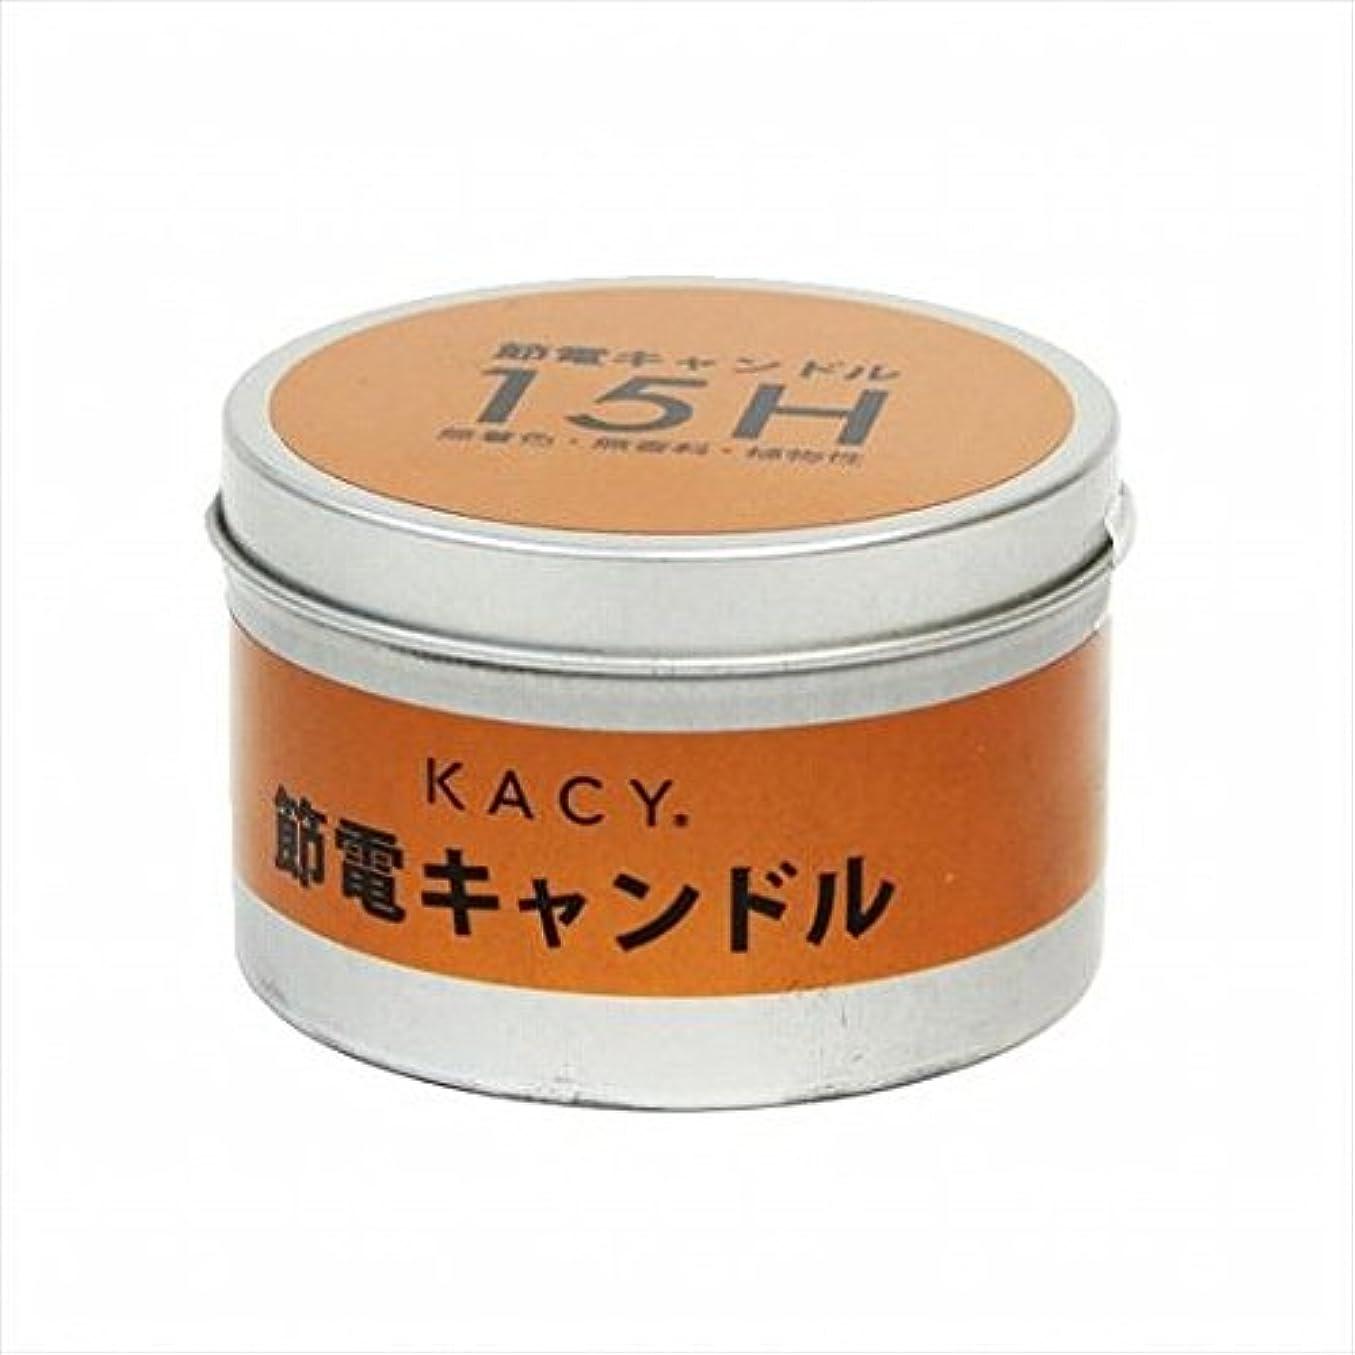 隣接するレイア説得力のあるkameyama candle(カメヤマキャンドル) 節電缶キャンドル15時間タイプ キャンドル 80x80x48mm (A9620000)